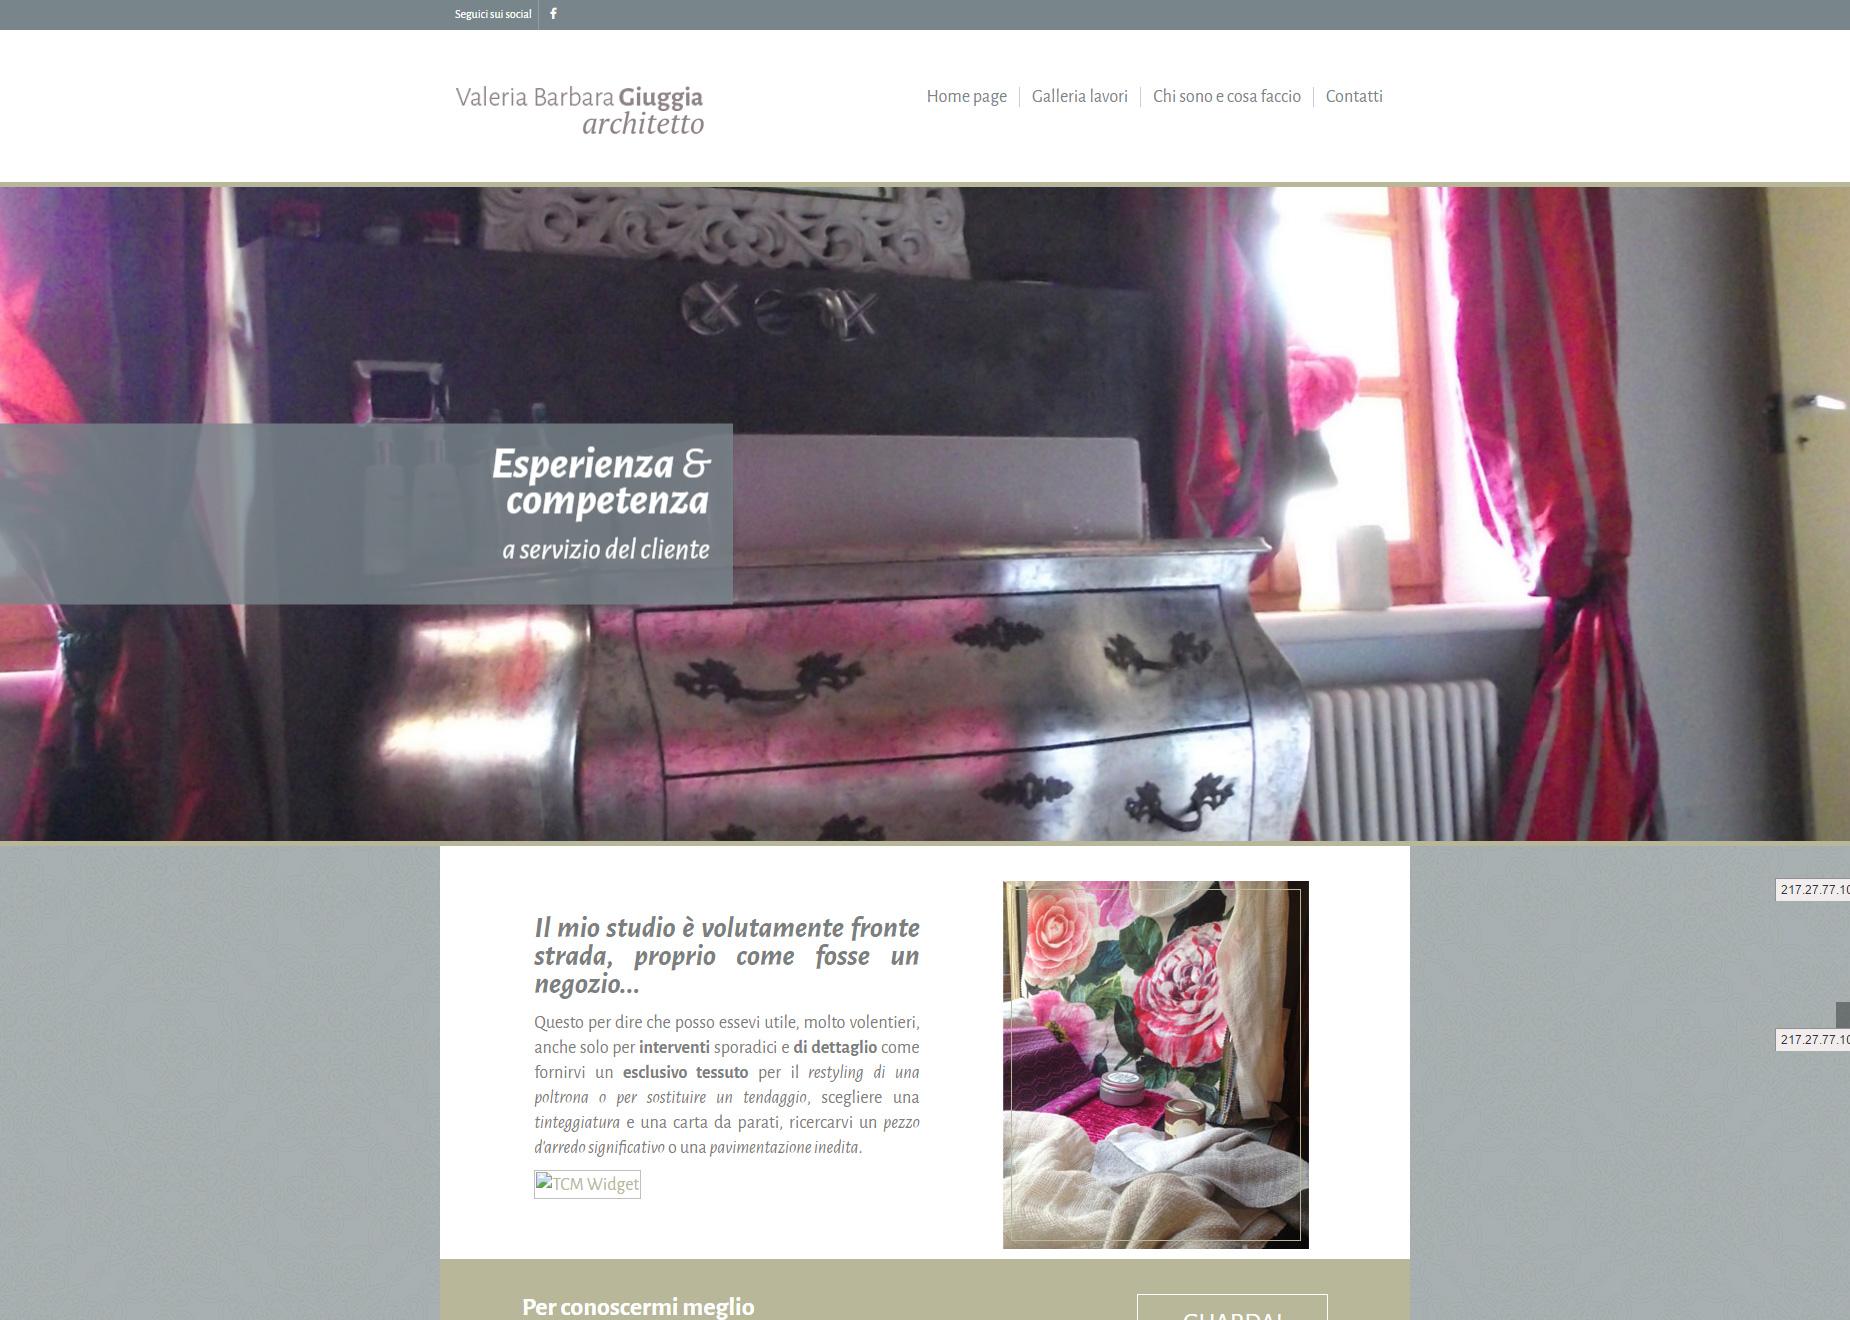 Architetto giuggia saluzzo il tuo sito on line portfolio for Sii il tuo architetto